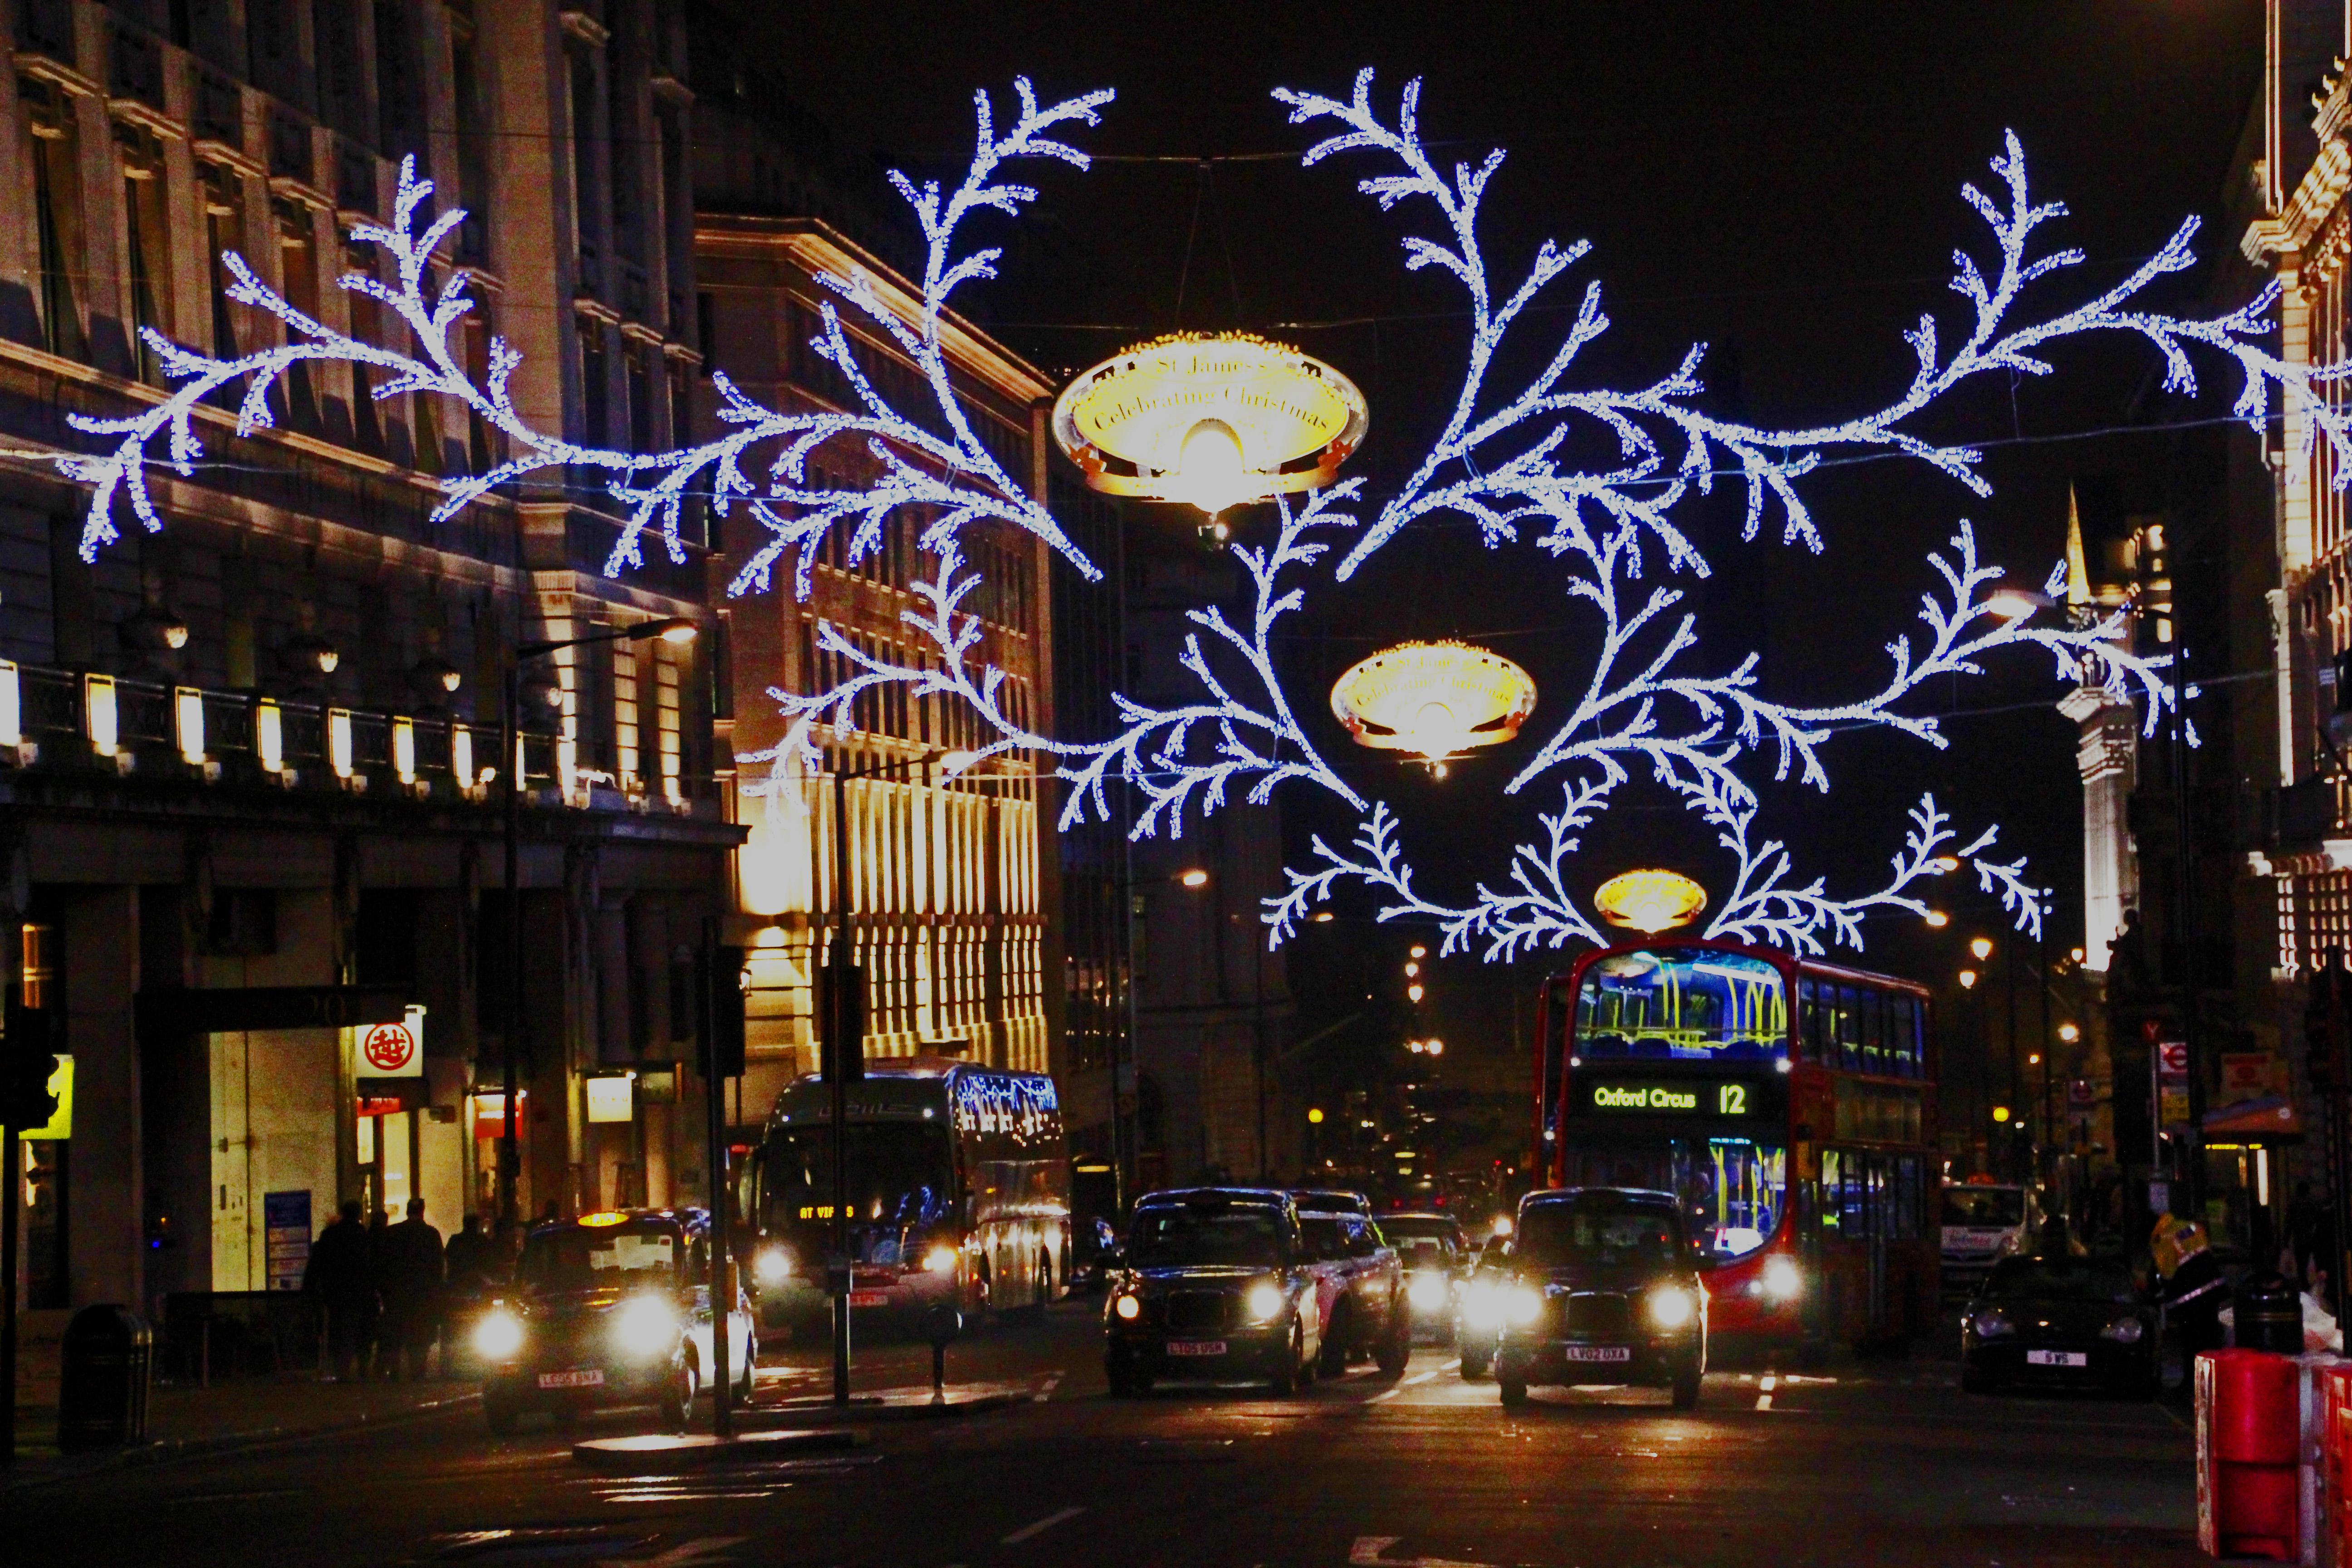 Lower Regent Street © jonovernon-powell